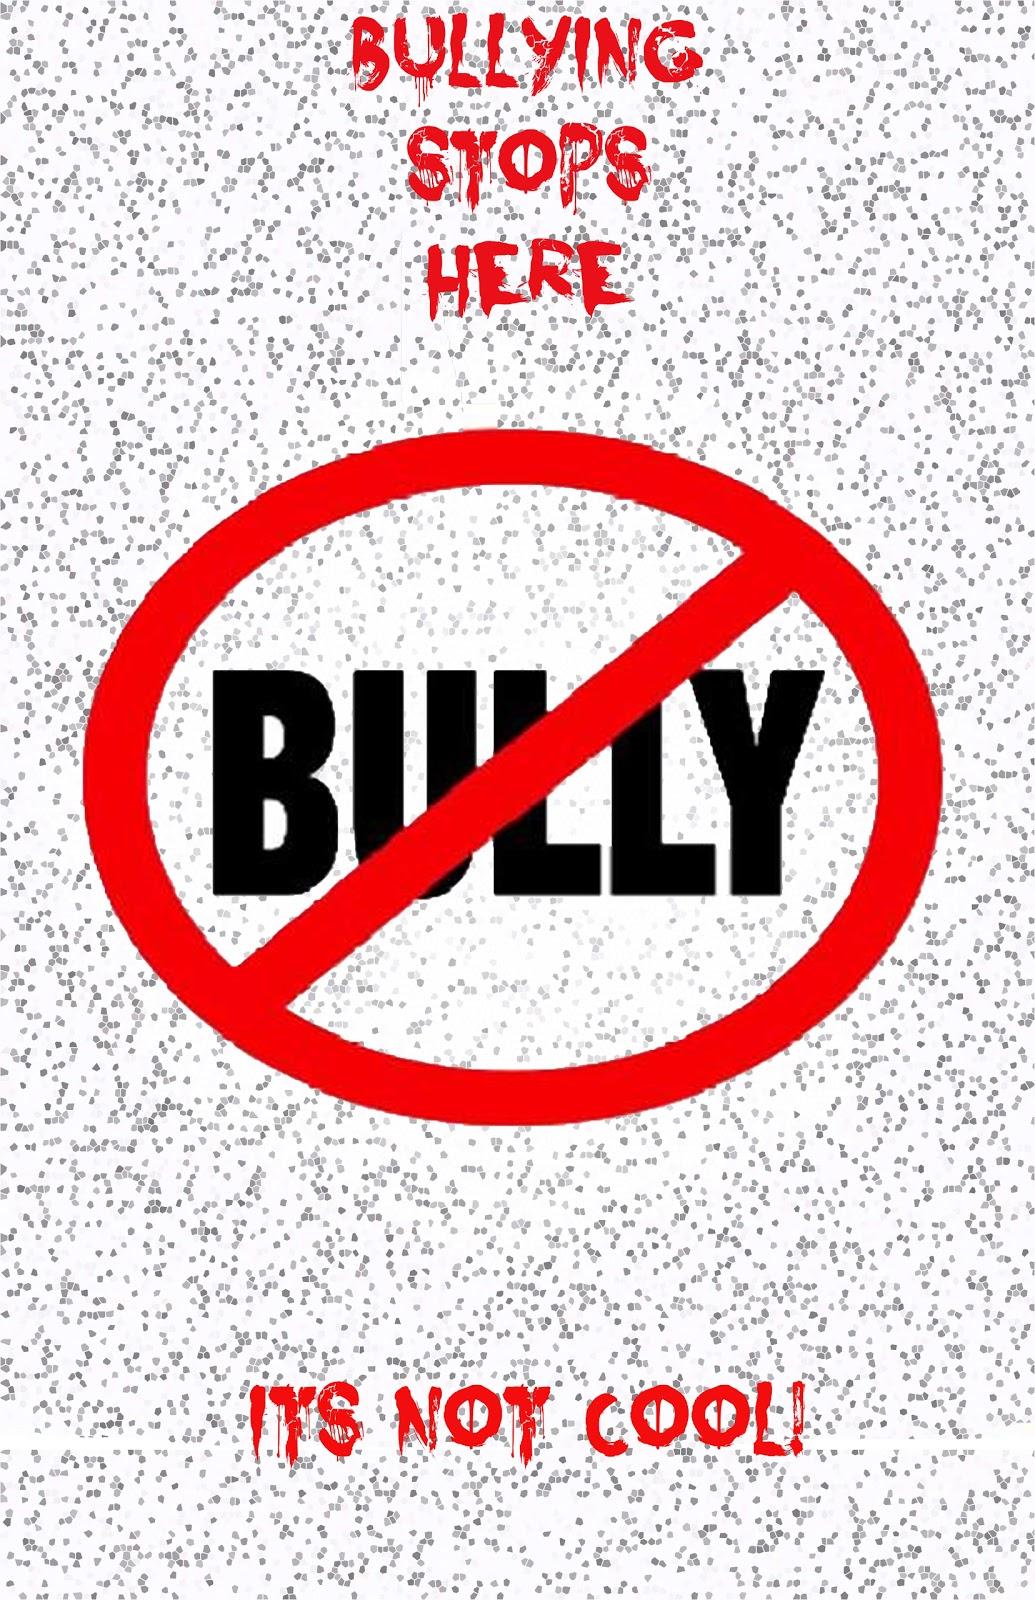 Ryan Blog: Anti-Bullying Posters